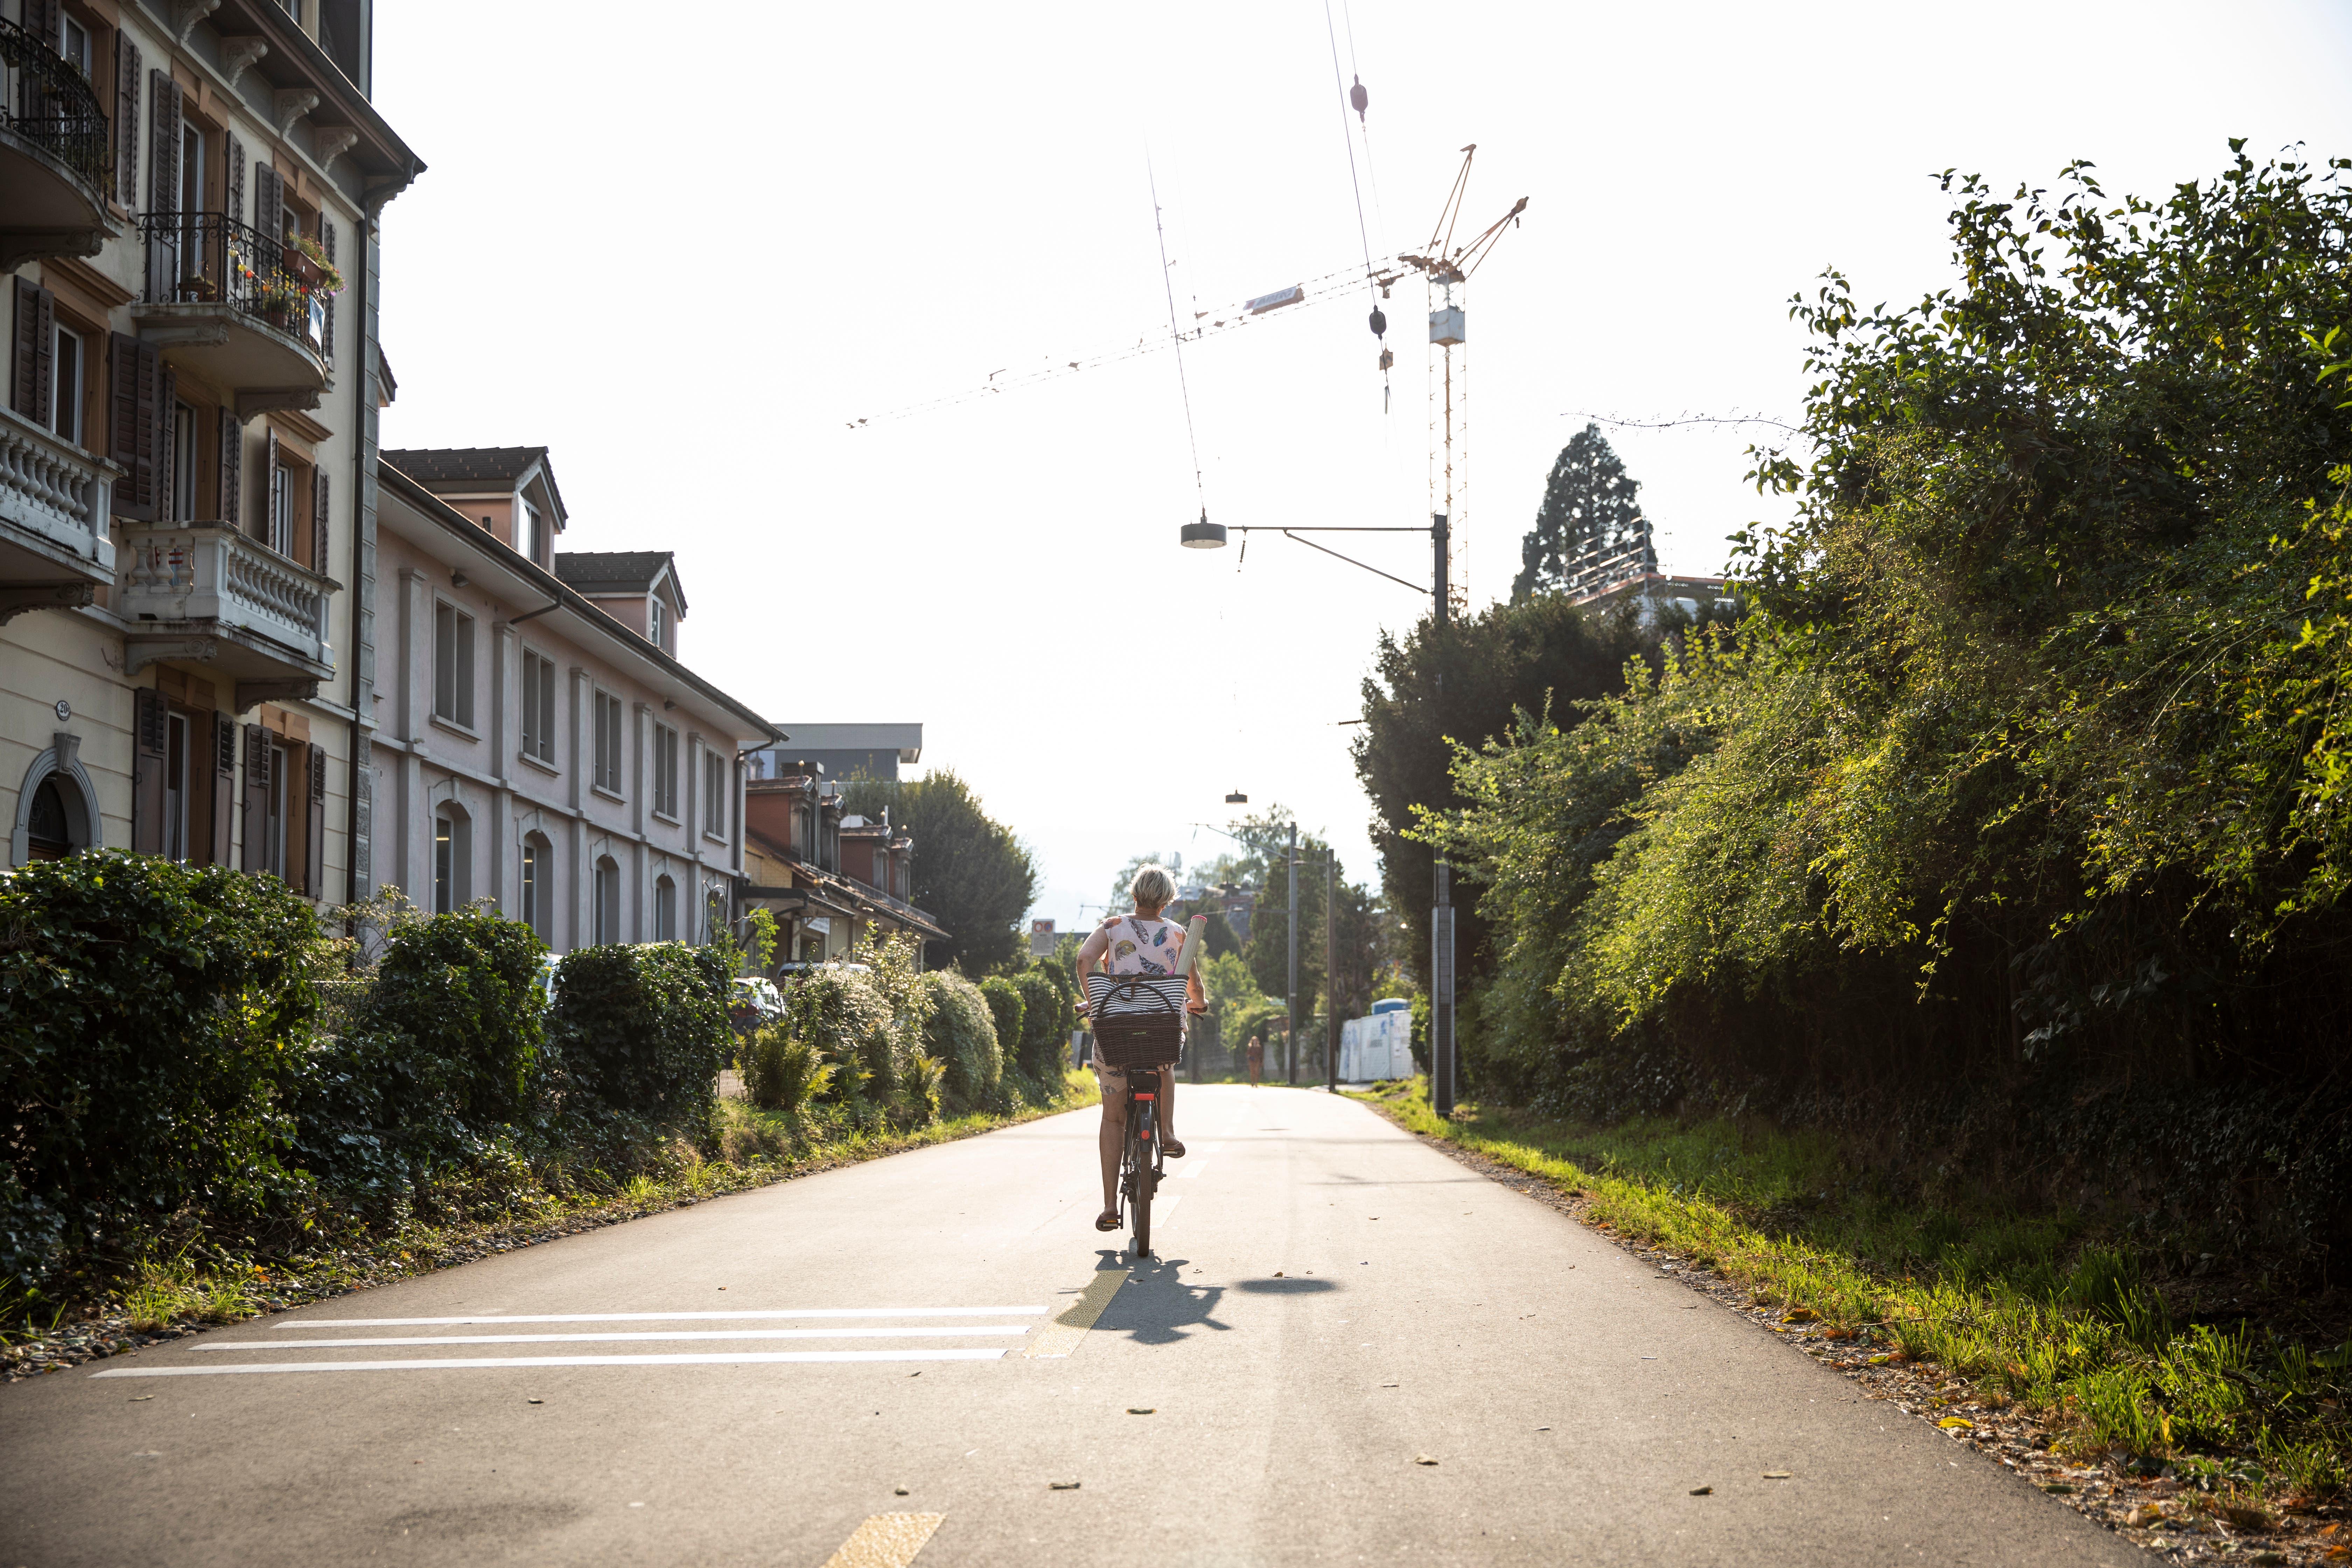 Einen Anteil von 12 Prozent der zurückgelegten Wege hatte das Velo 2015 in Luzern. Auf ein in der Stadt eingelöstes Auto kamen 1,7 Parkplätze.